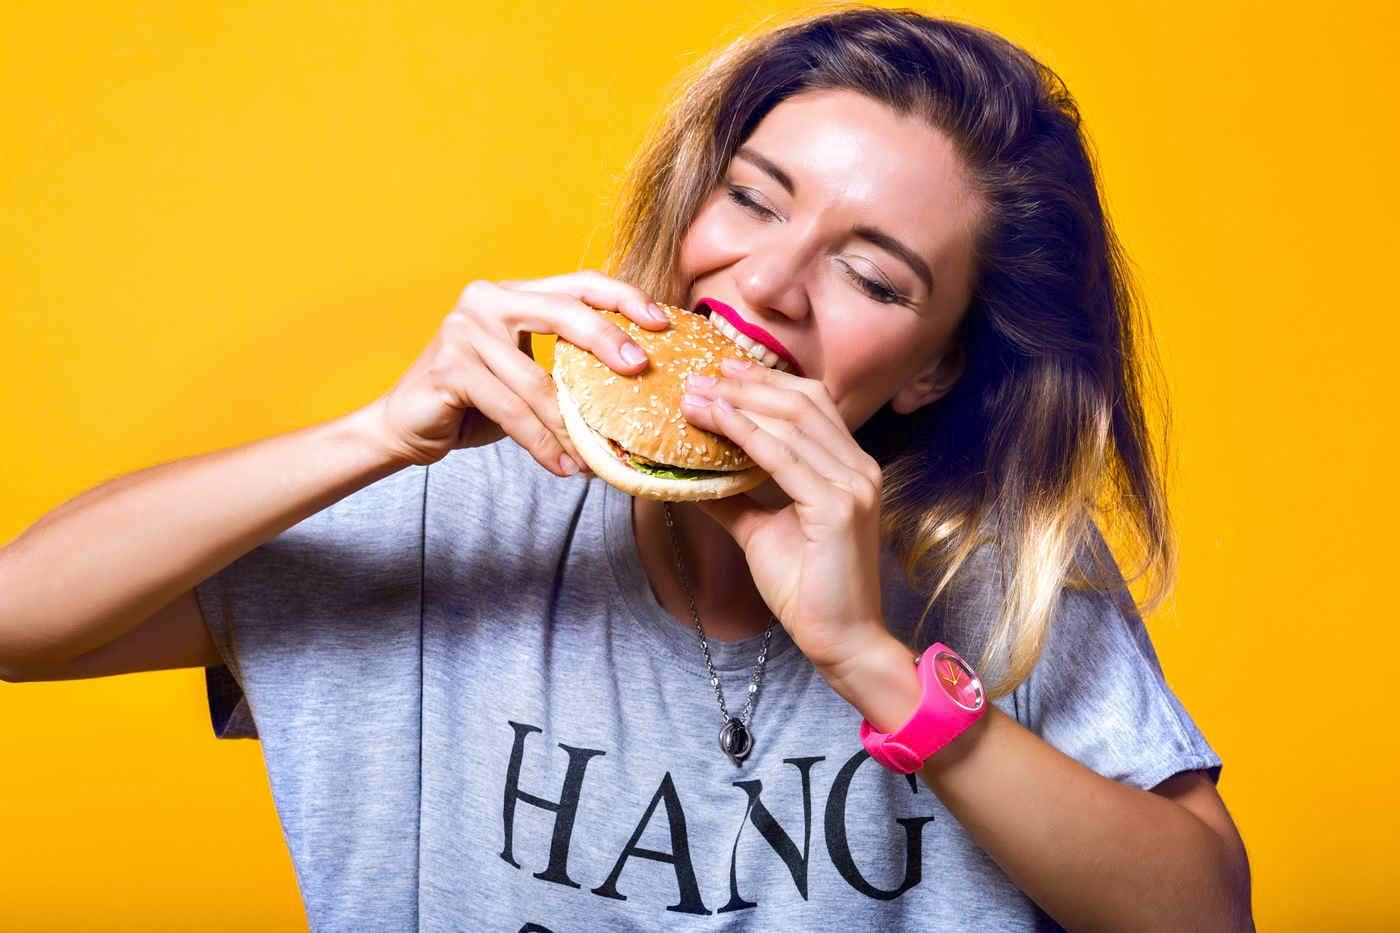 Mâncarea nesănătoasă, sinonimă cu problemele de somn la adolescenți [studiu]